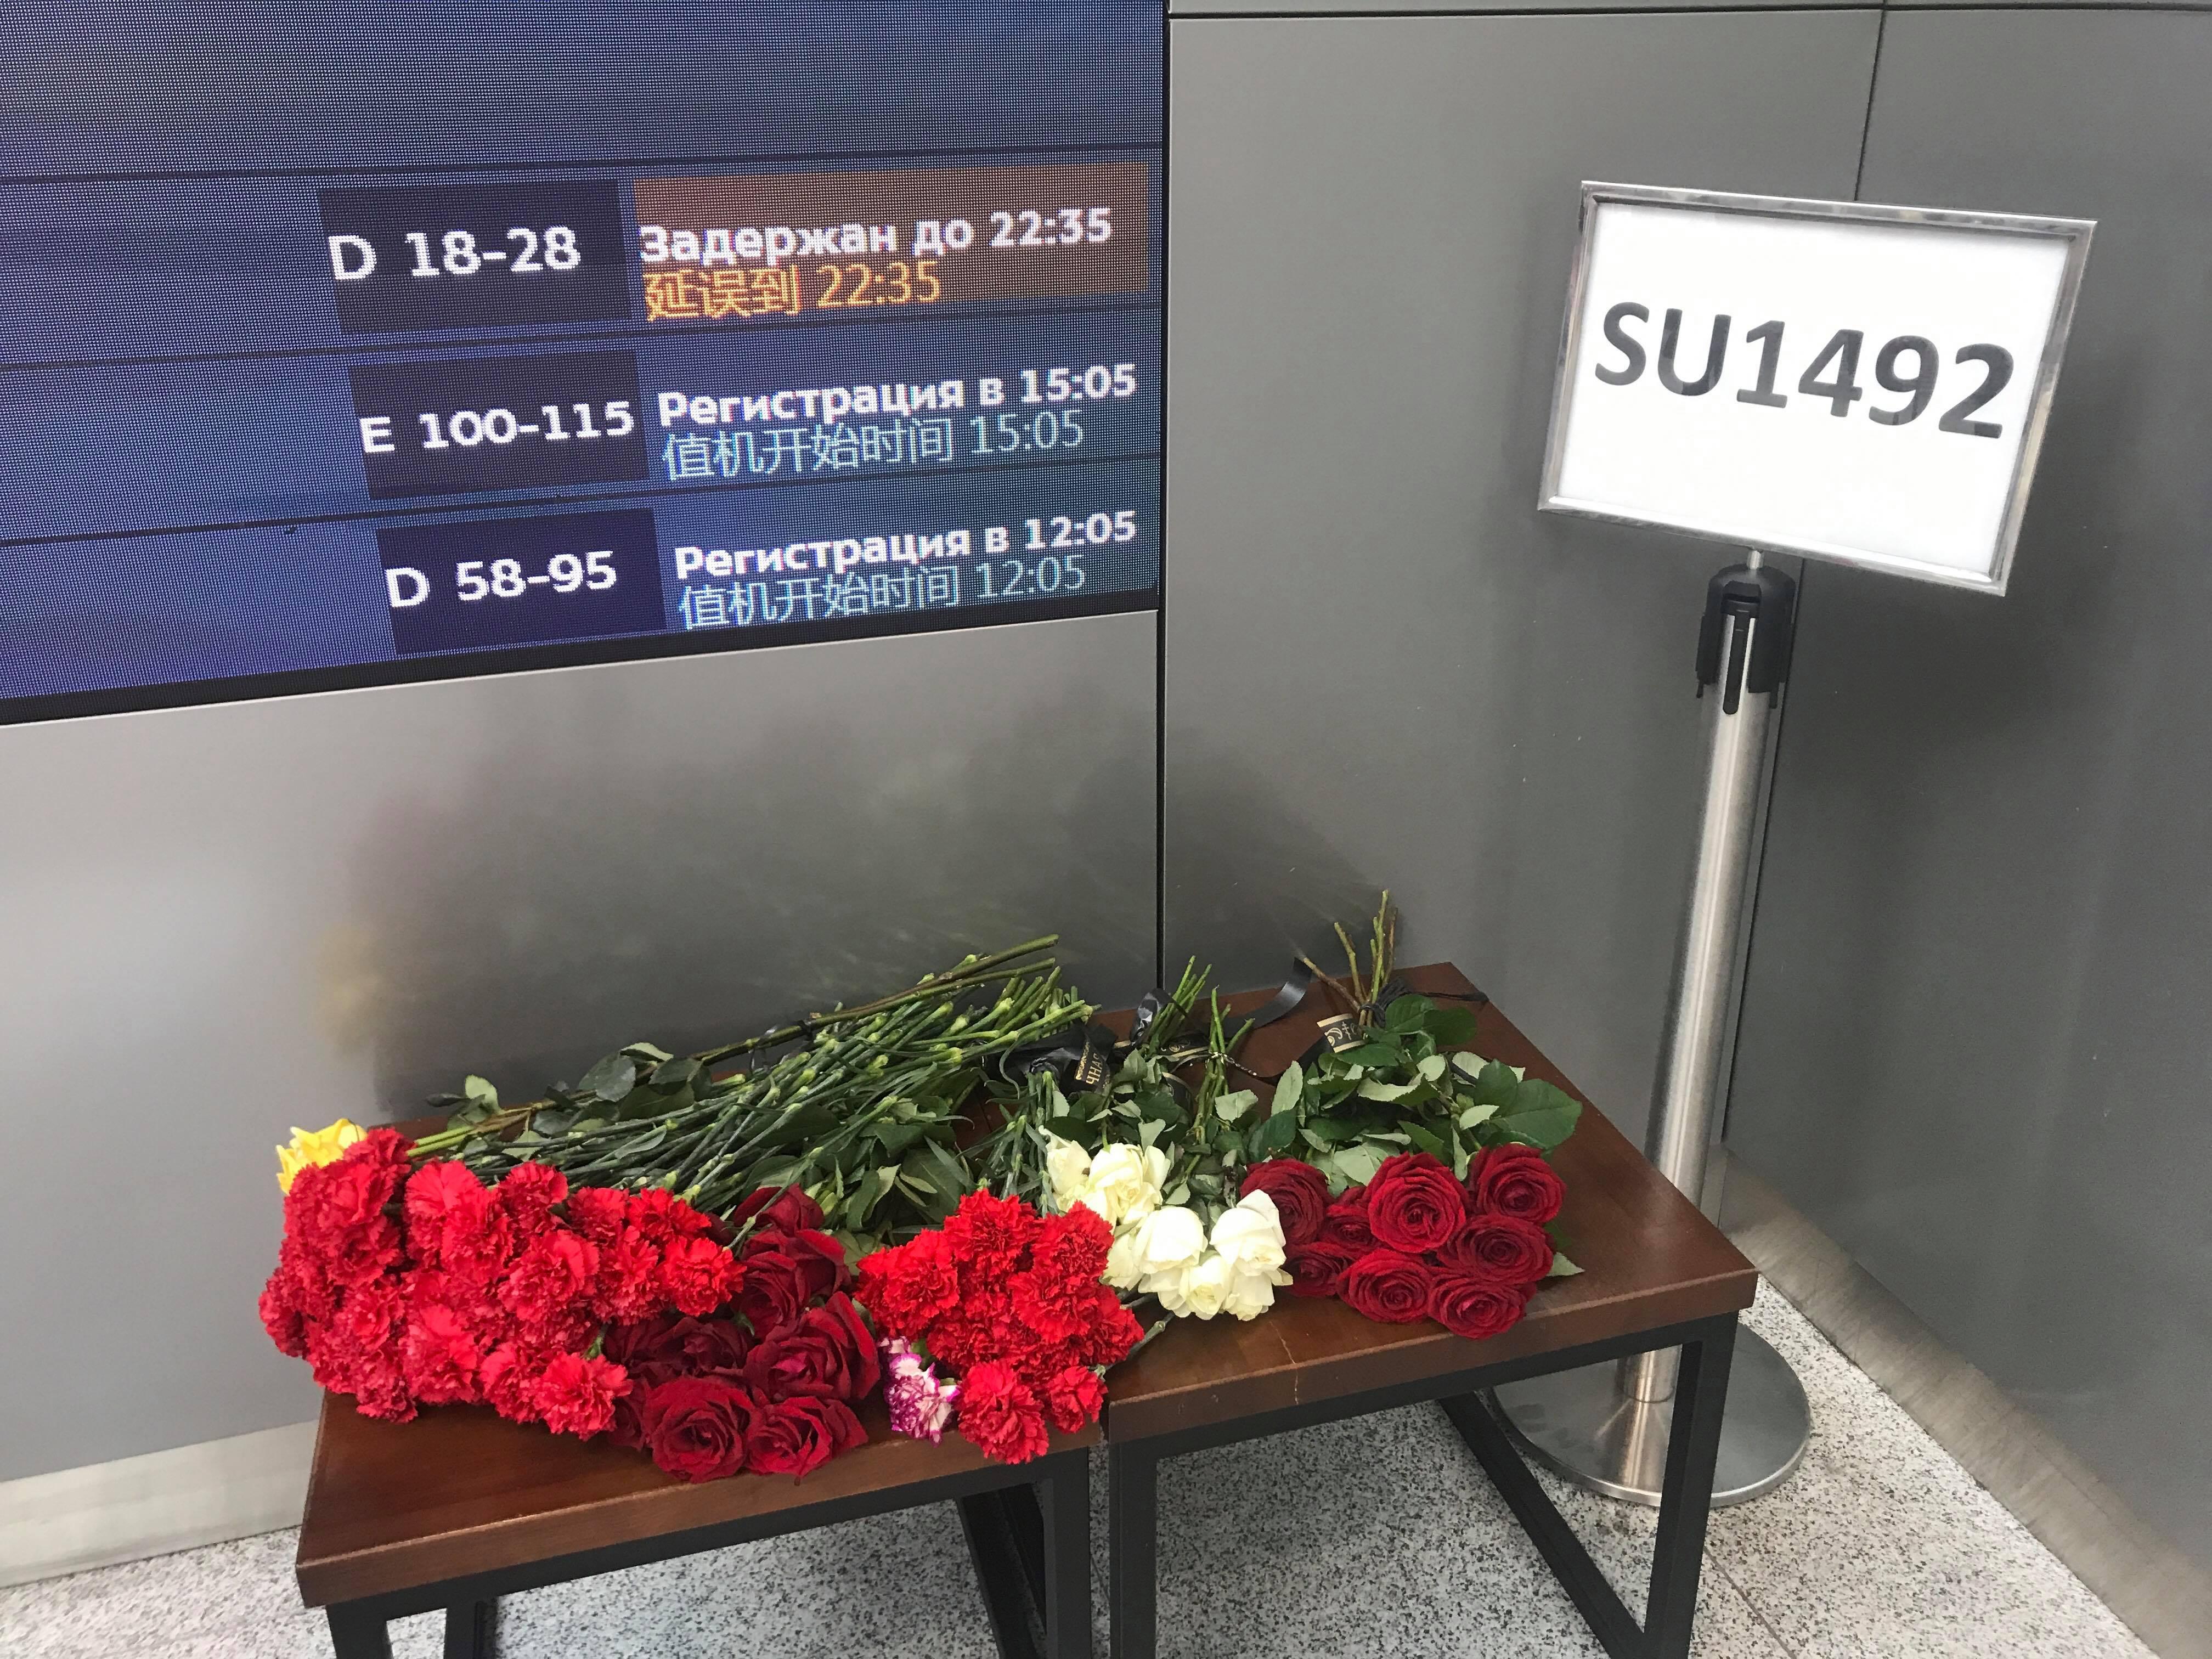 В Шереметьеве открыли стихийный мемориал